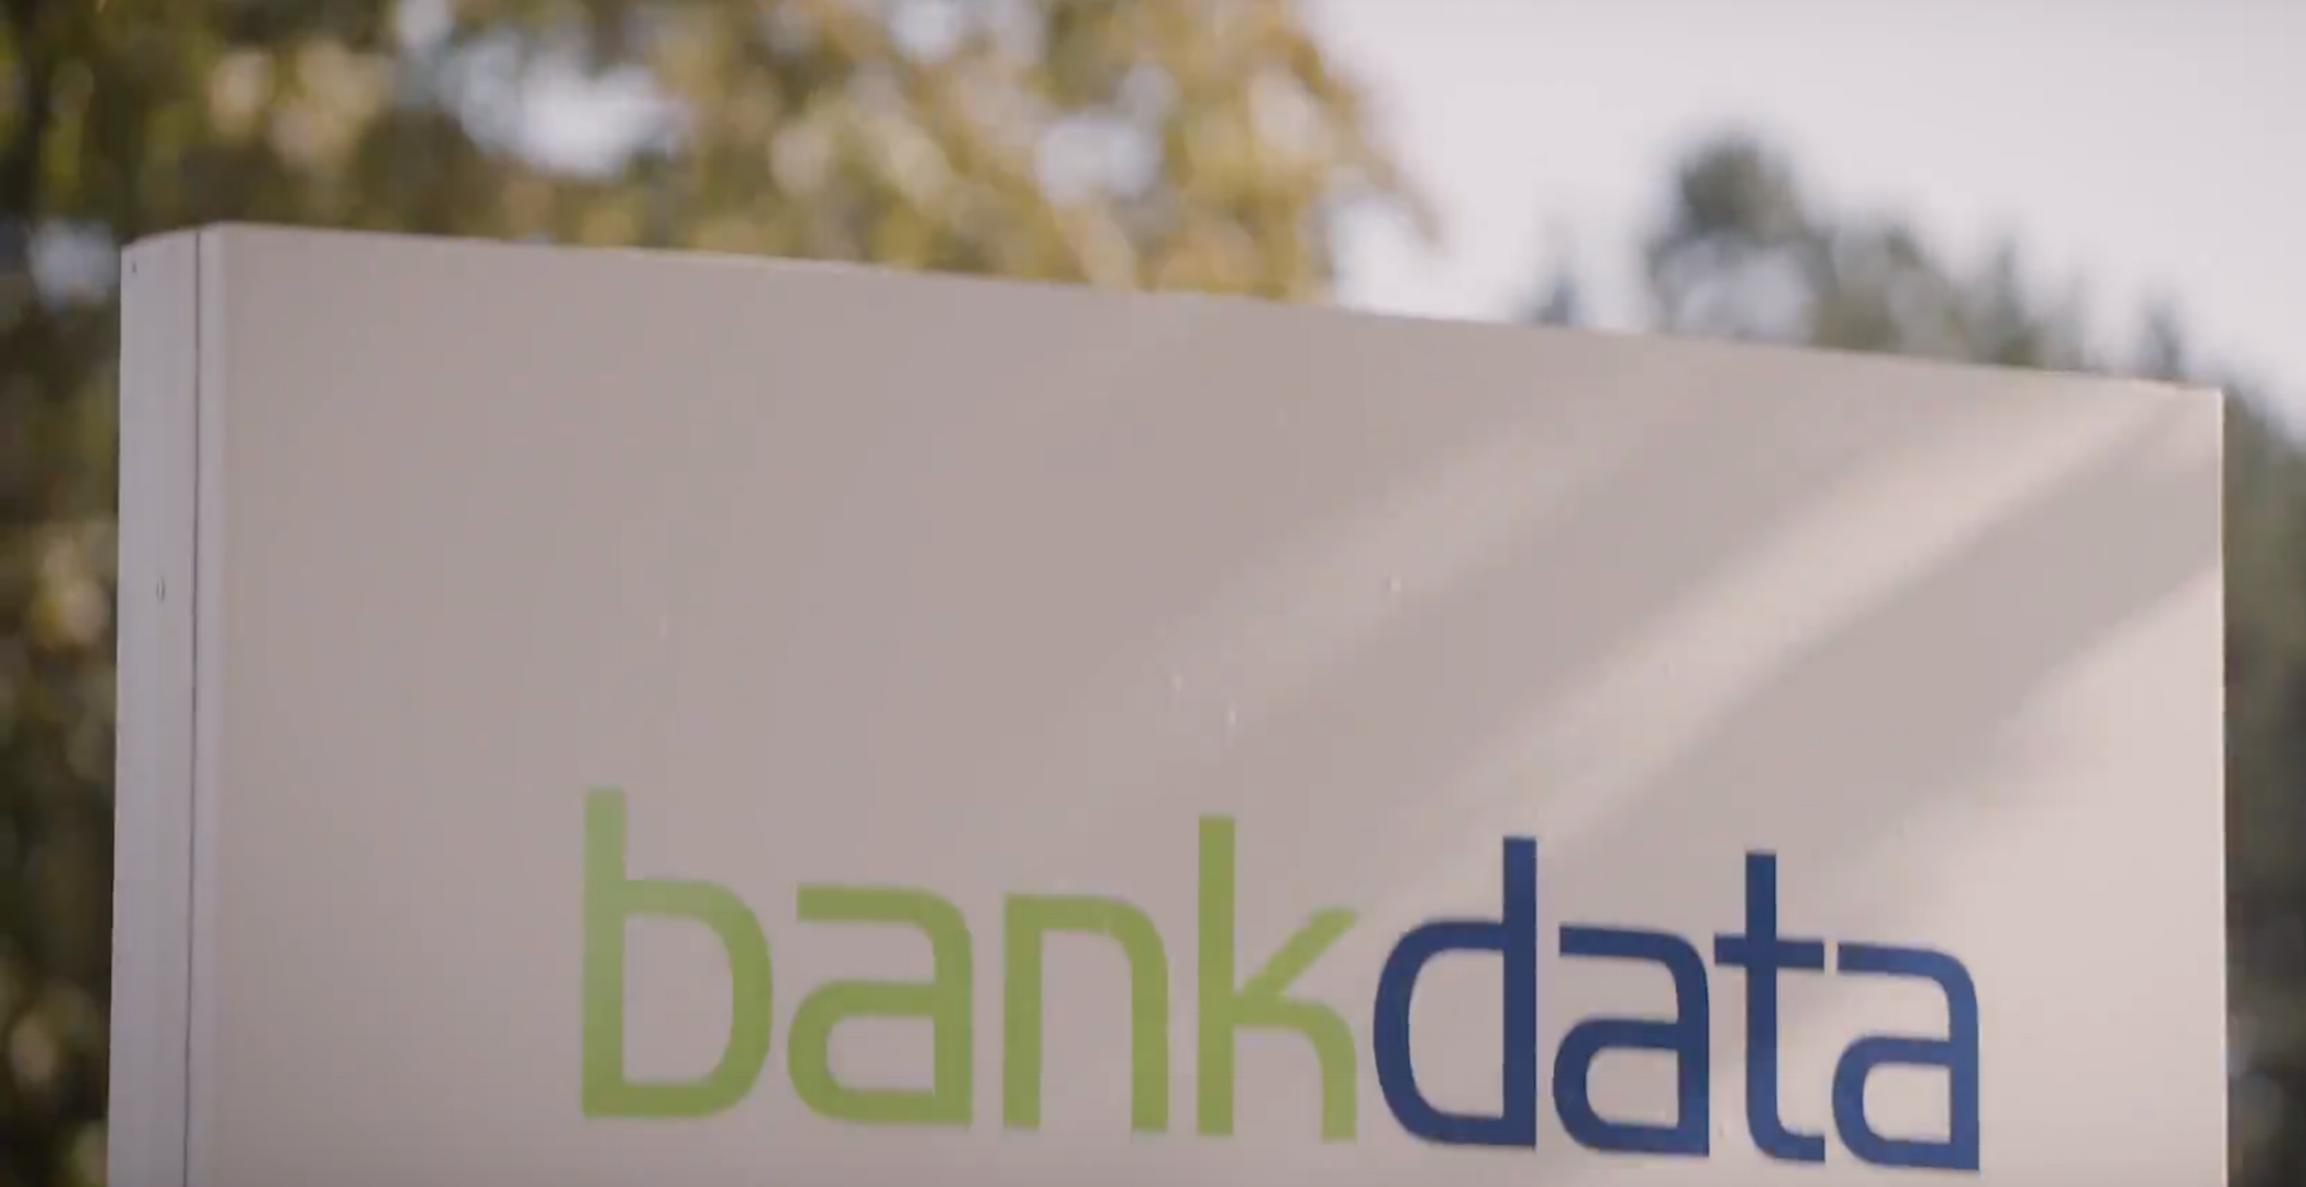 Bankdata.png